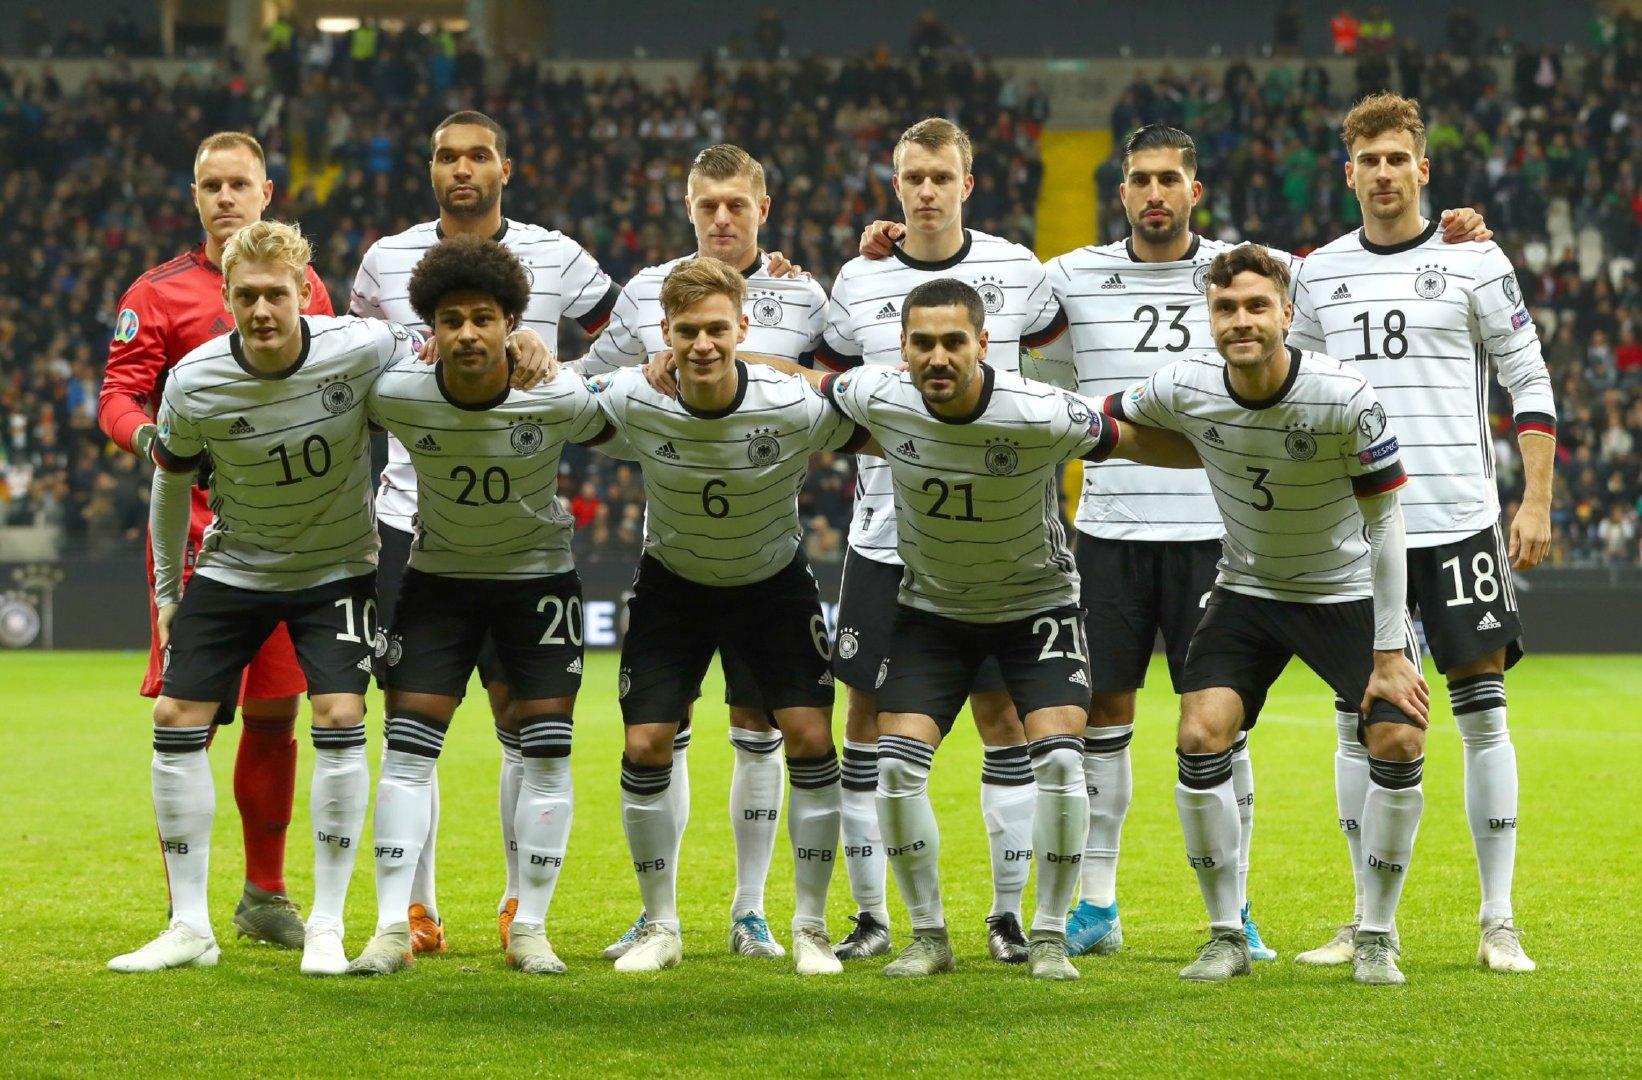 欧洲杯预选赛:德国6-1北爱尔兰,克罗斯以队长身份首发出场